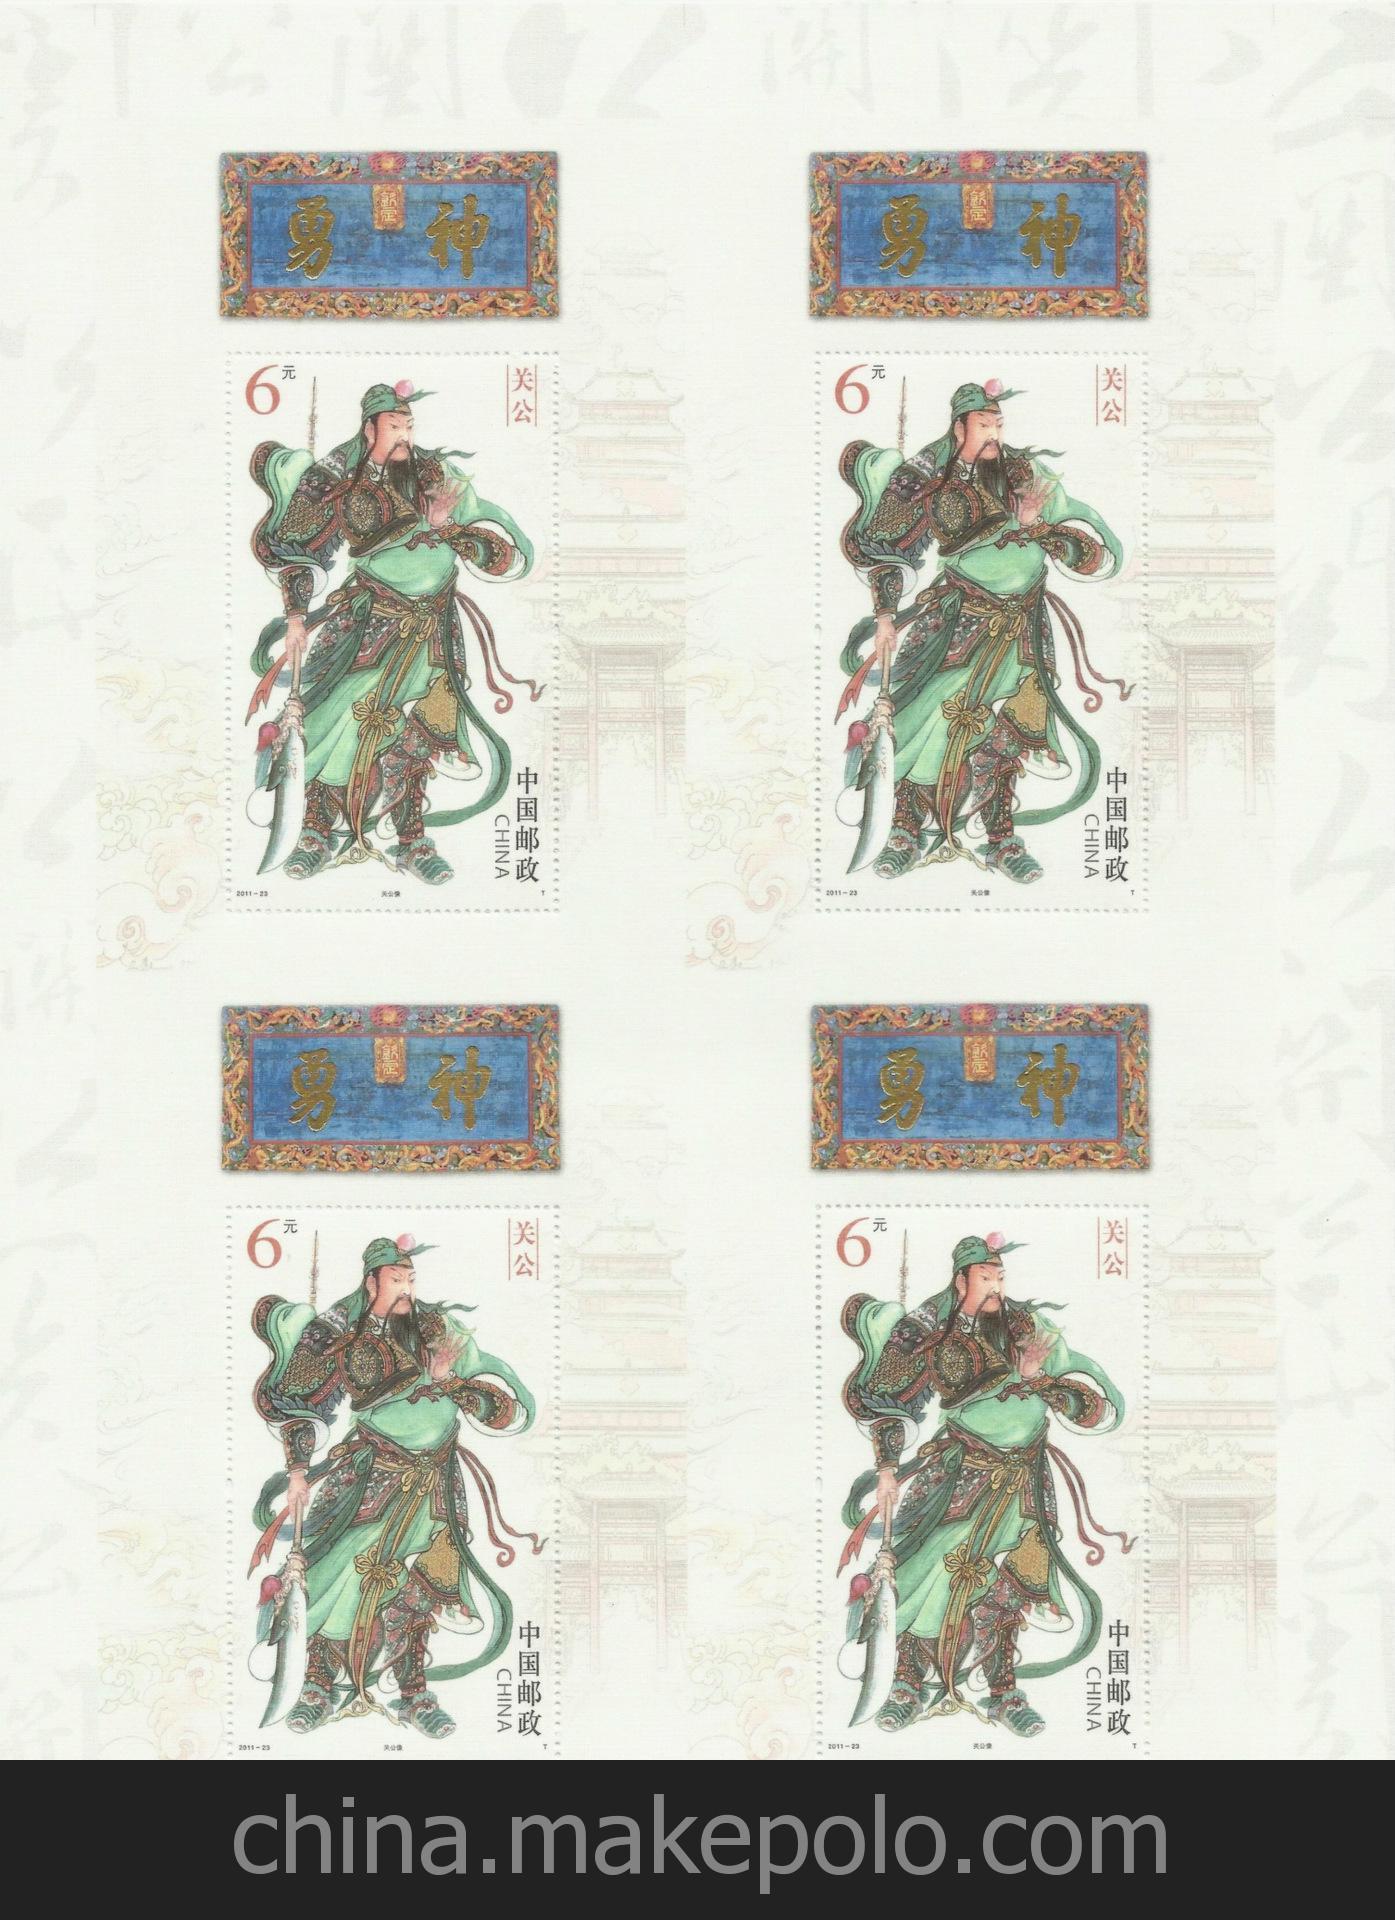 供应《关公》绢质四连体小型张 珍贵邮品、丝绸四连体邮票